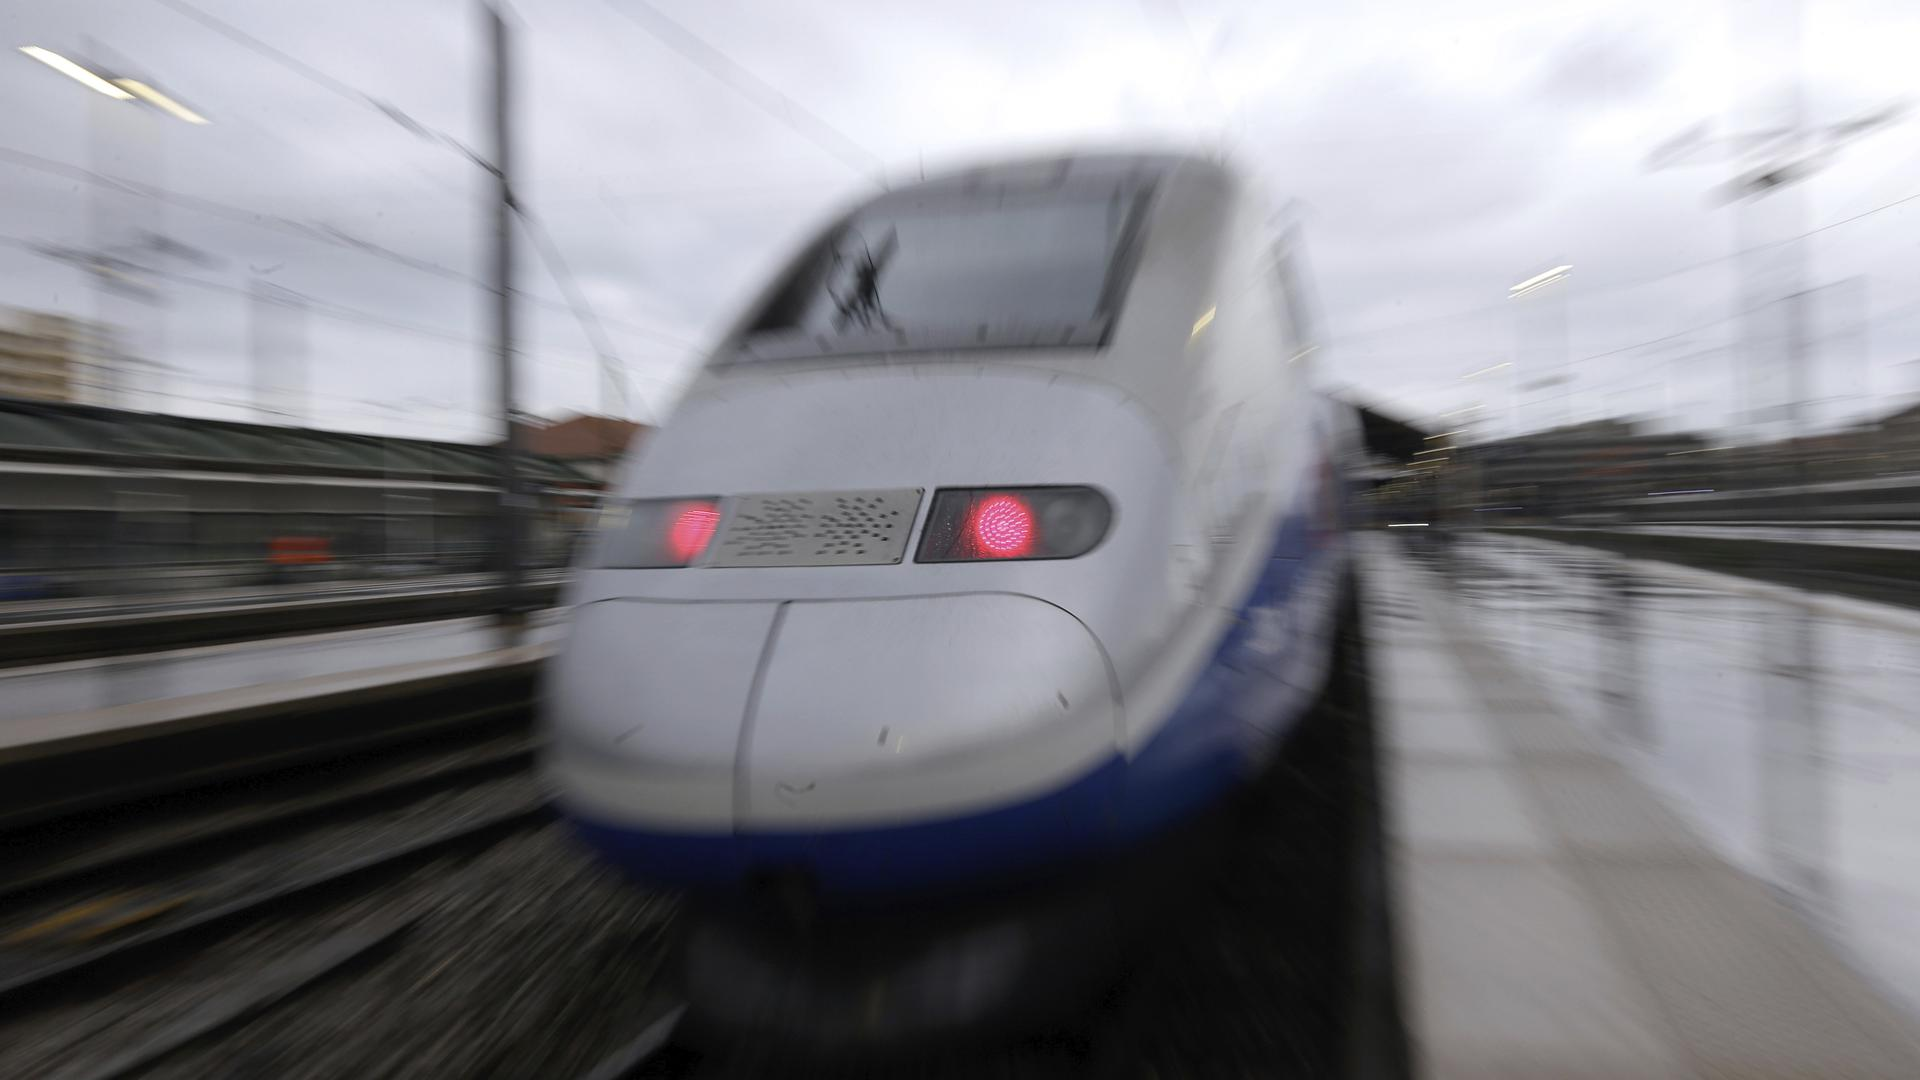 Nach dem tödlichen Unfall mit einem TGV am Bahnhof Karlsruhe-Durlach suchen Bundespolizei und Deutsche Bahn nach Möglichkeiten, die Durchfahrt von Zügen sicherer zu machen. (Symbolfoto)